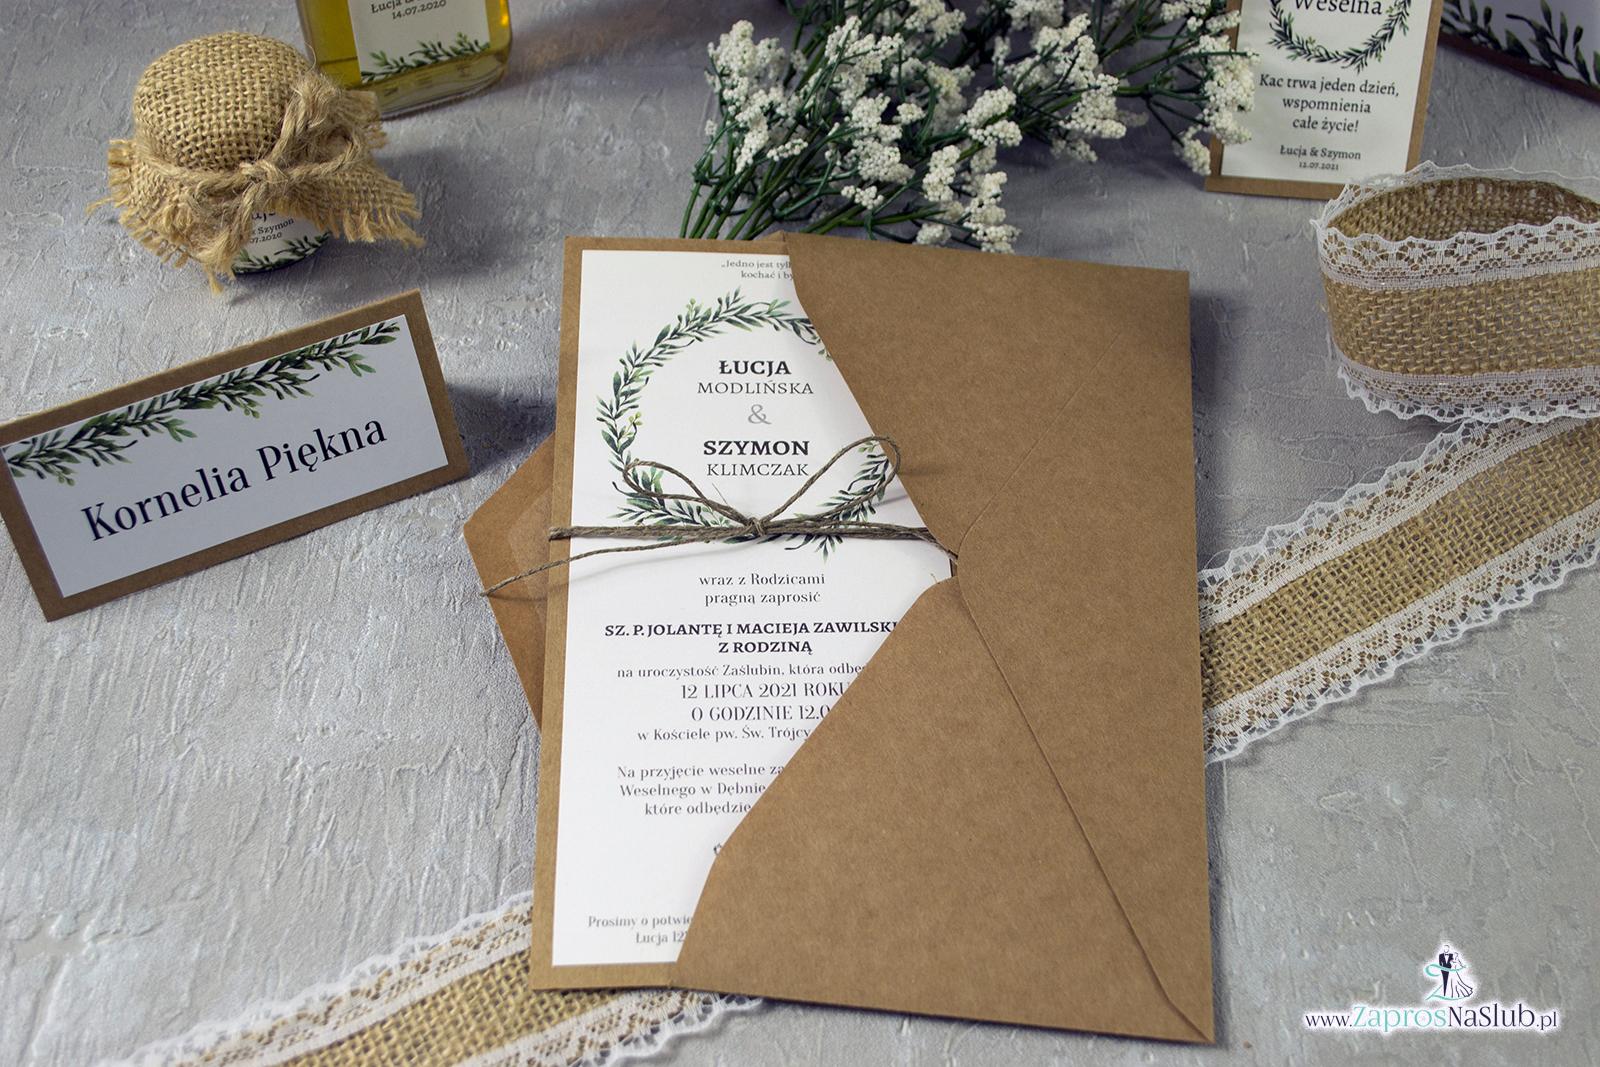 Zaproszenie ślubne eko w formacie DL eko z motywem zielonych liści i wianka ze sznurkiem eko w koperta eko zestaw- ZAP-111 zaprosnaslub